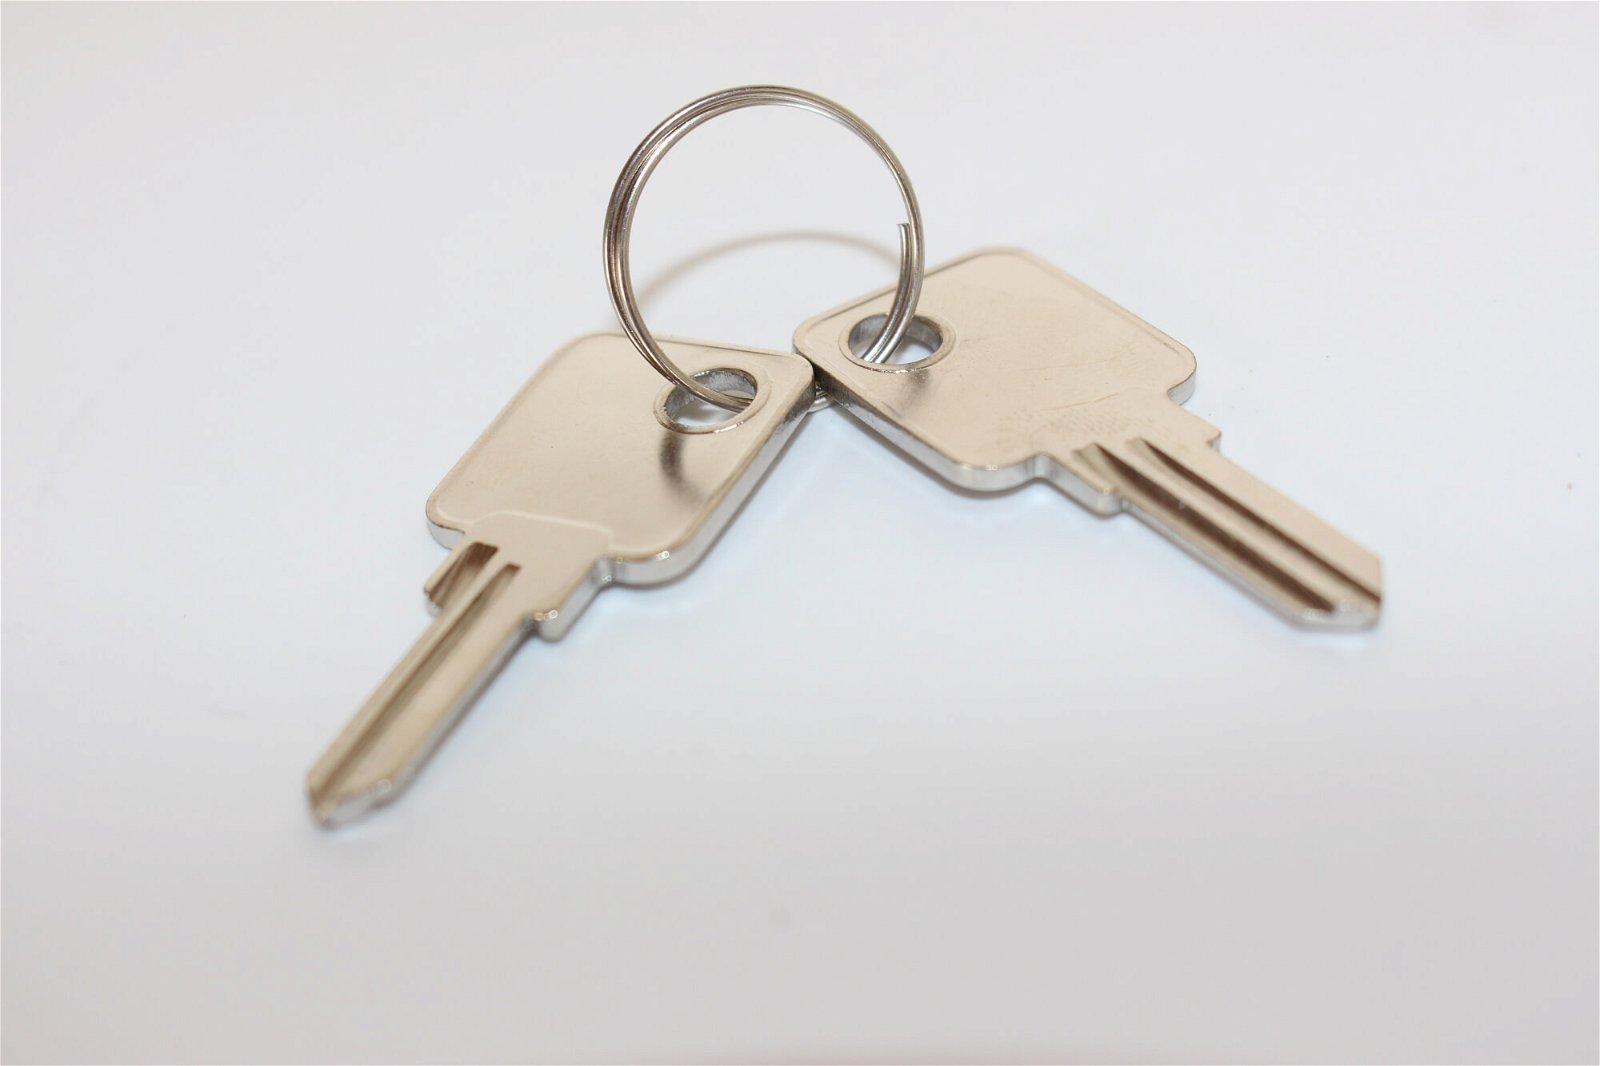 Schlüssel-Rohlinge für Geldkassette 561.. (VE 1Stück), sonstige